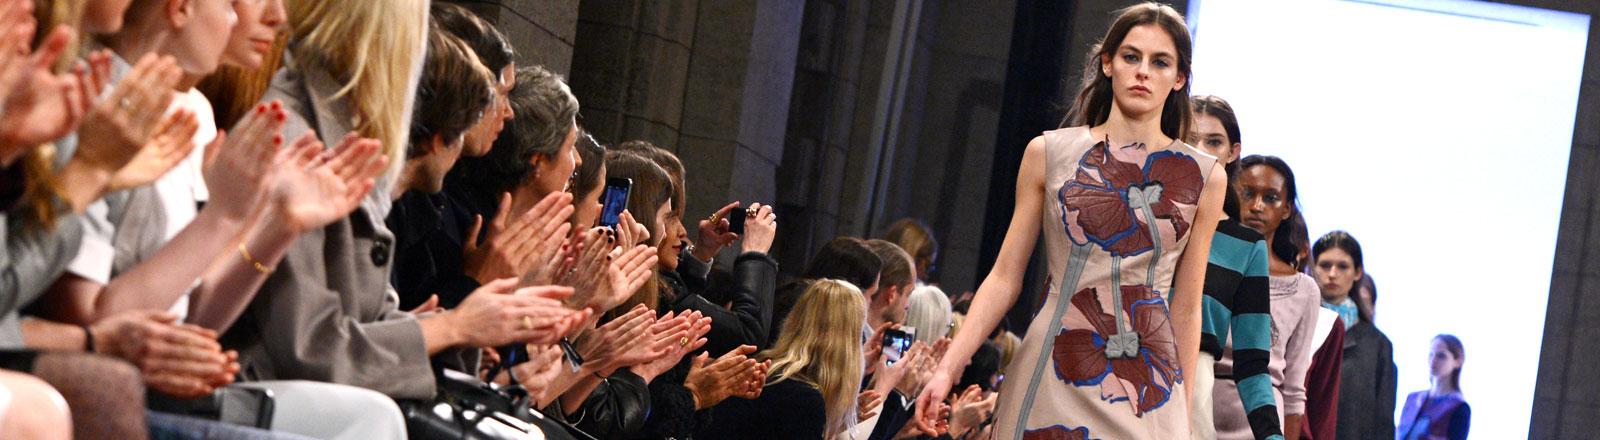 Eine Modenschau auf der Fashion Week in Berlin